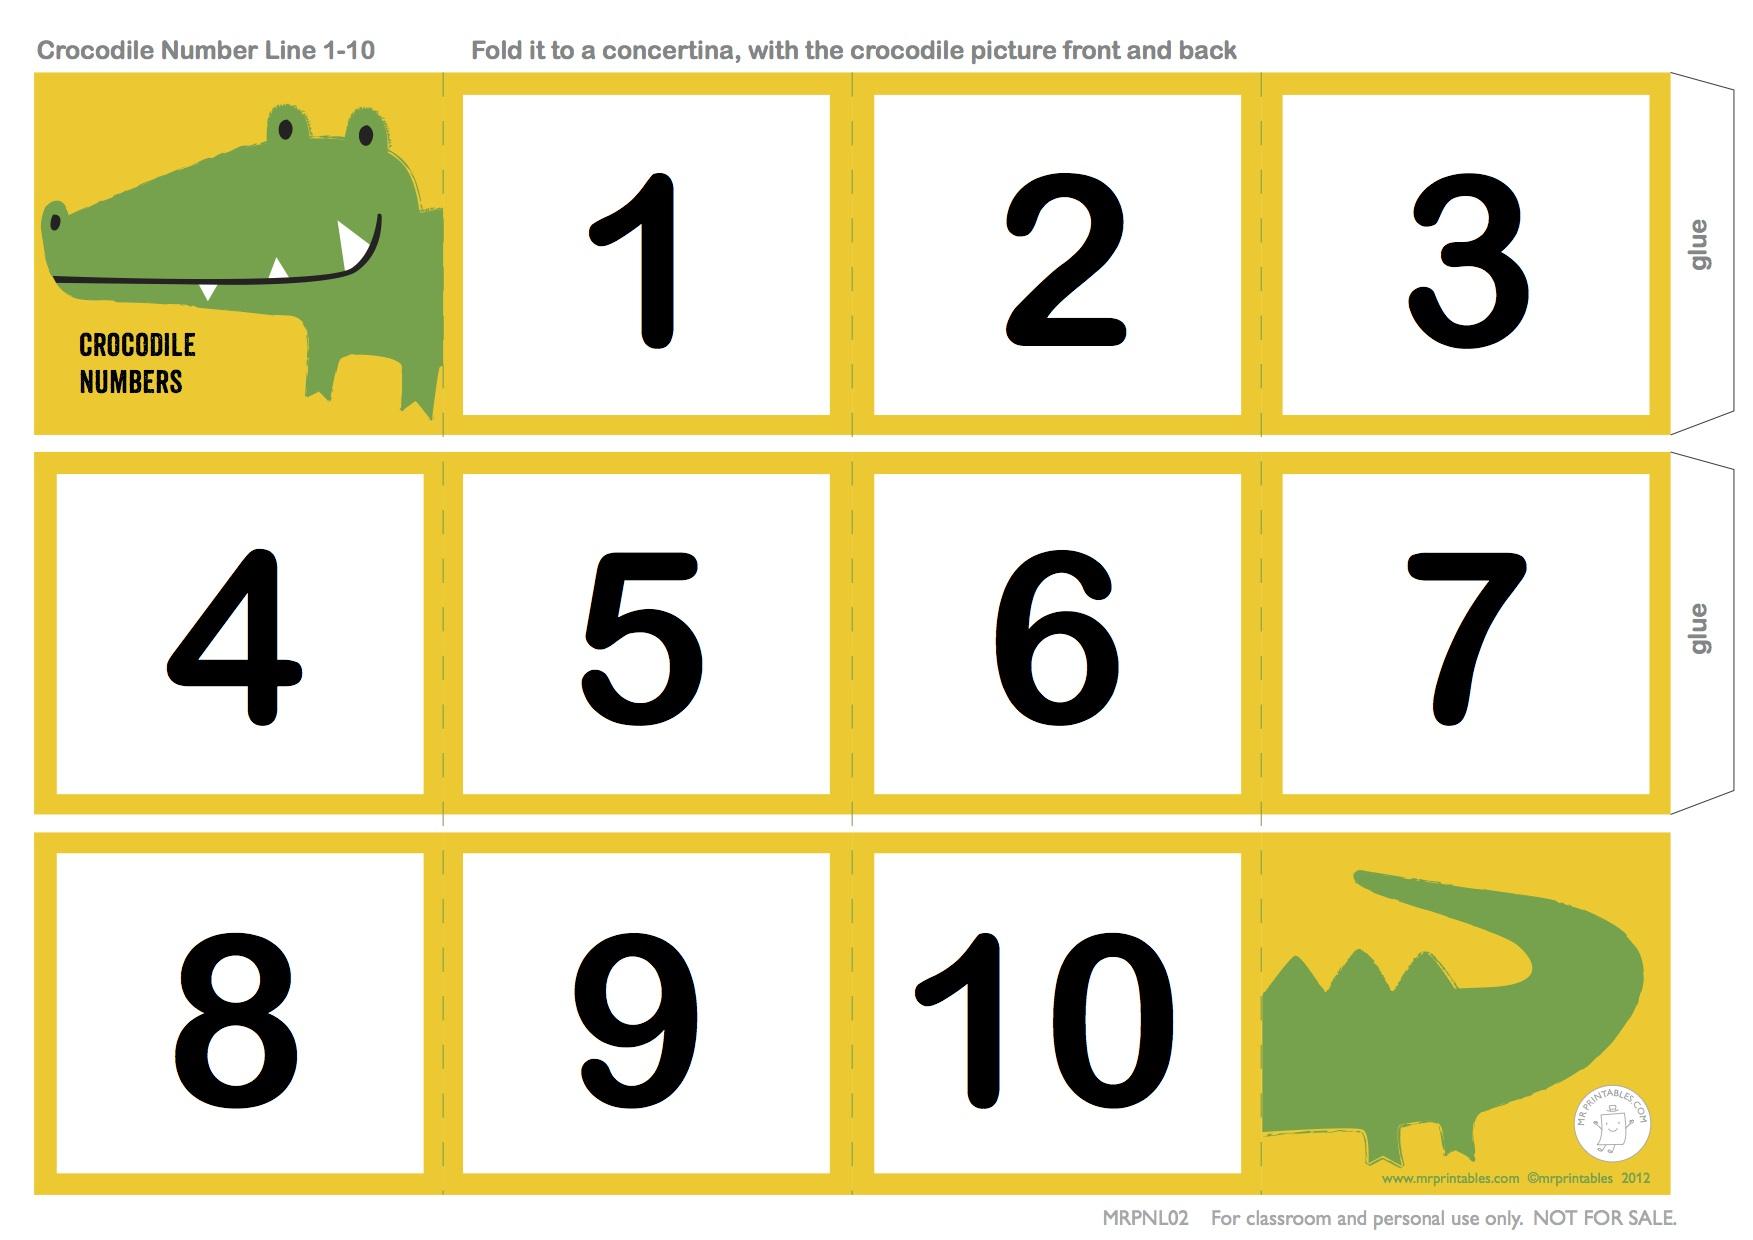 worksheet Counting Numbers counting bears paula lyra elt school crocodile number line